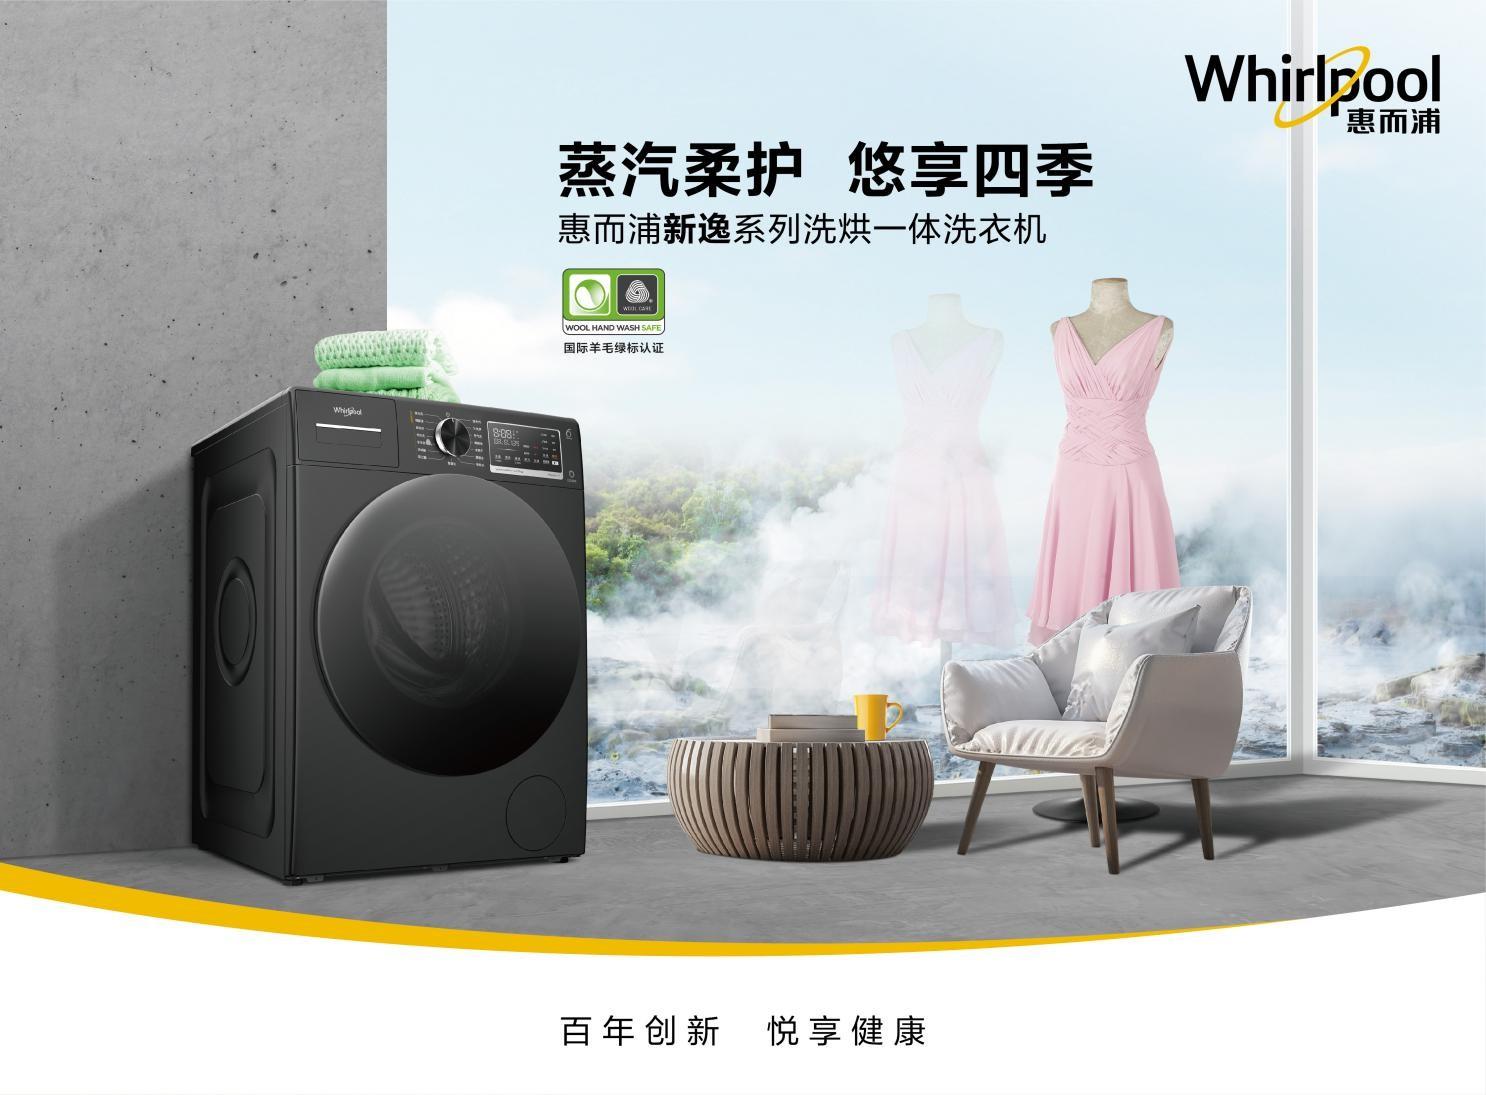 惠而浦发布多款新品:Fresh Care+系列洗衣机可量身定制水流模式